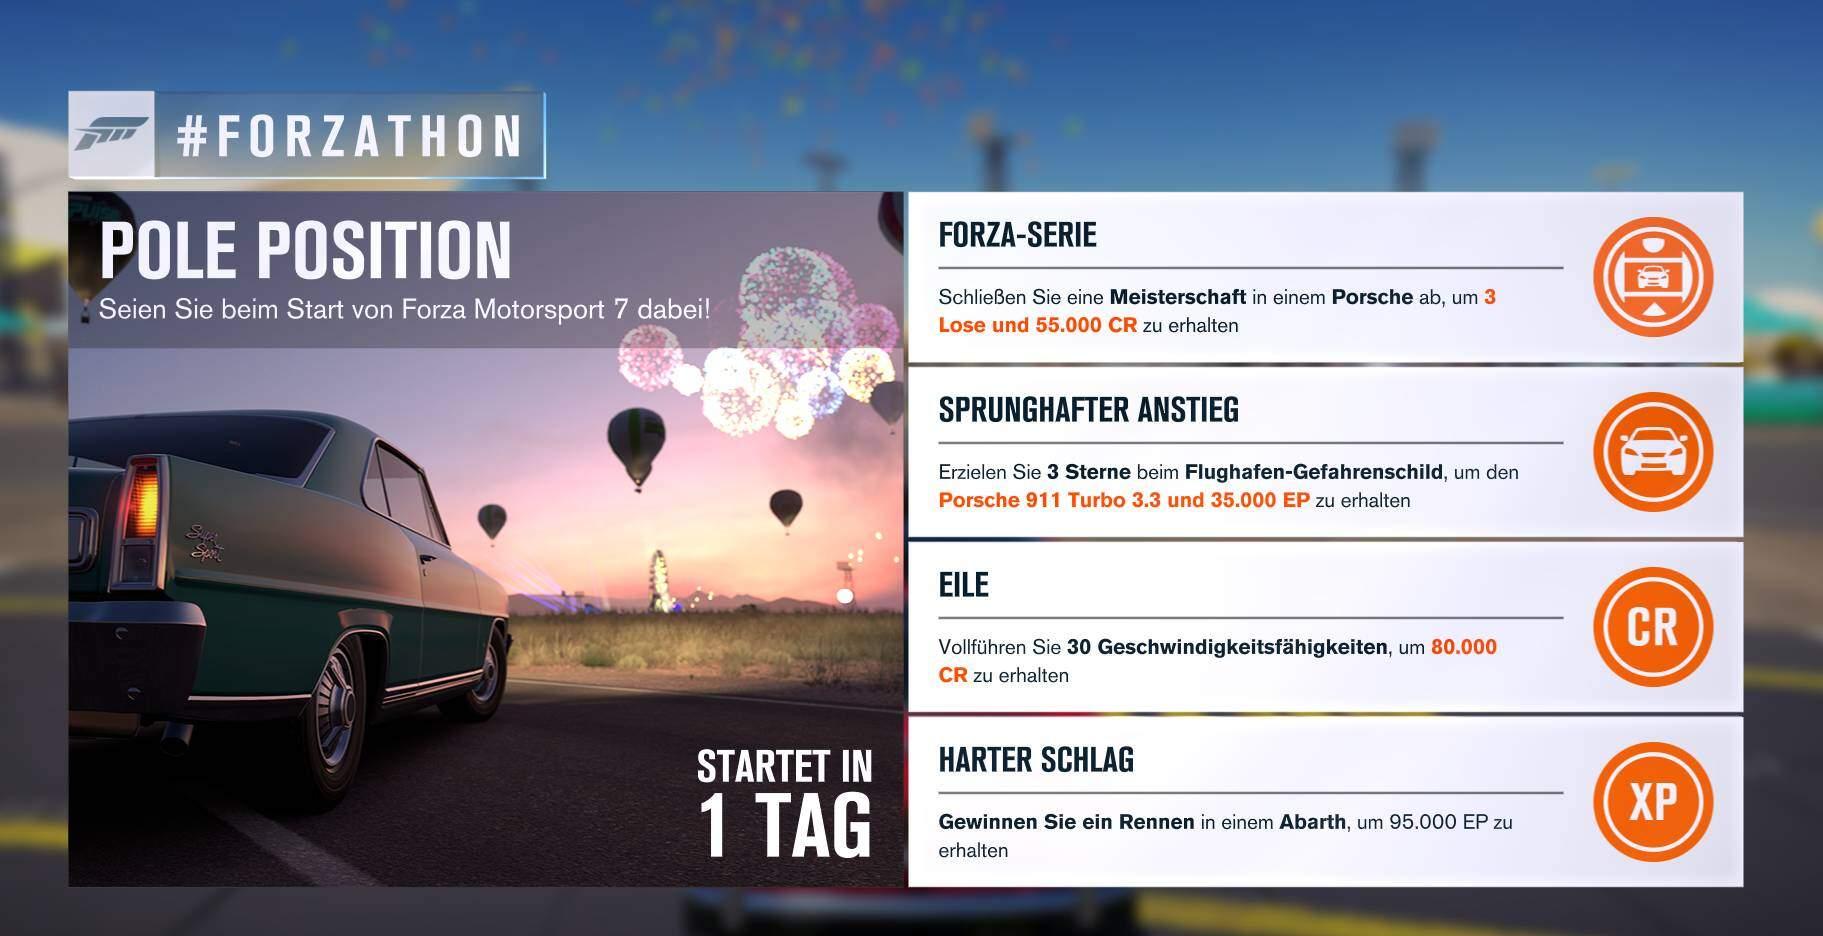 Forza Horizon 3 #Forzathon Guide KW 39 – Pole Position